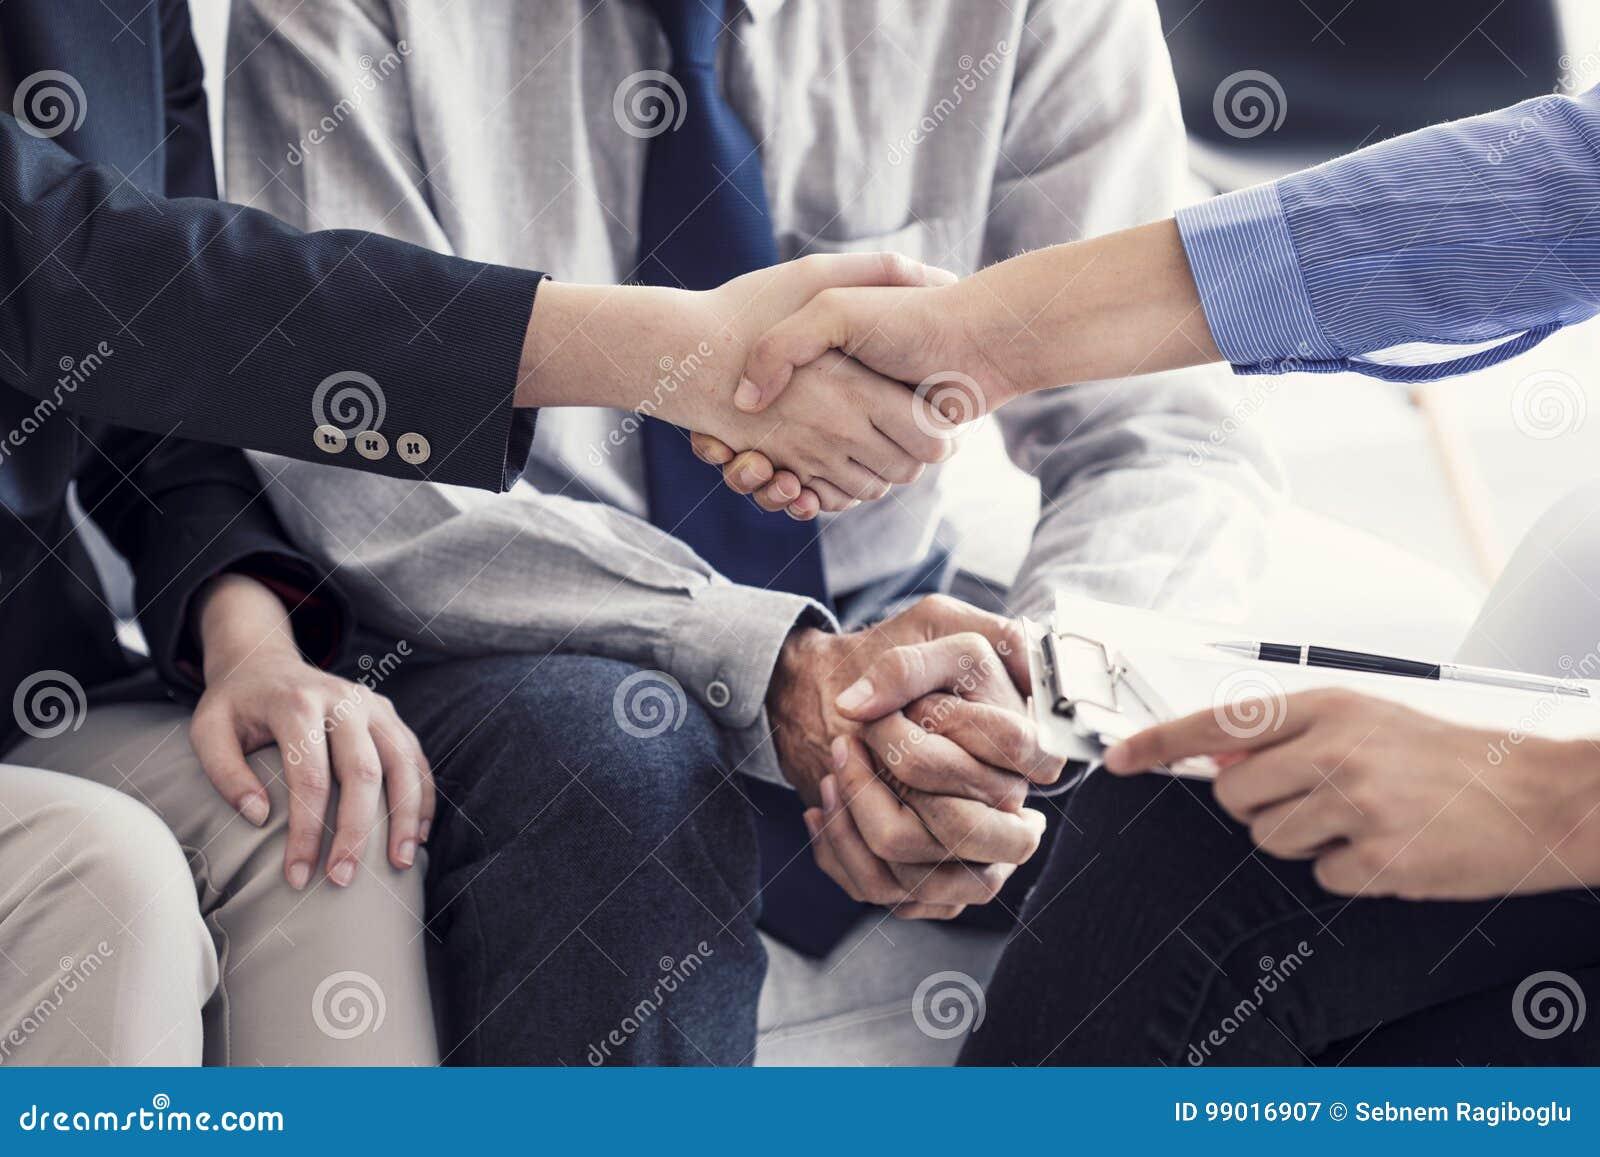 Biznesowy uścisk dłoni w biurze